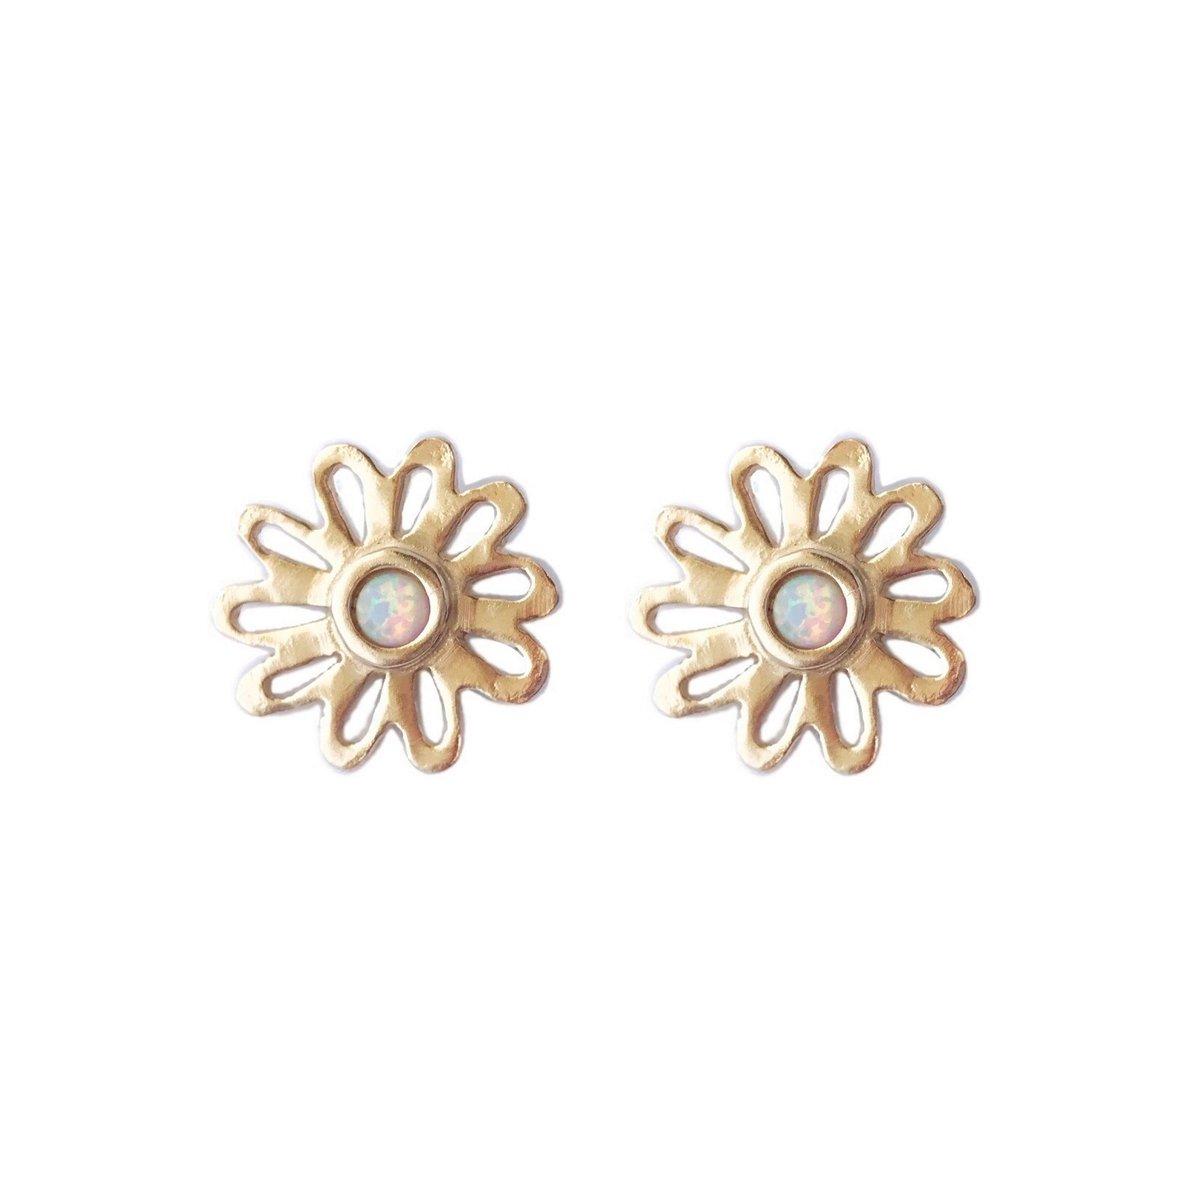 Flower Earrings With Opal